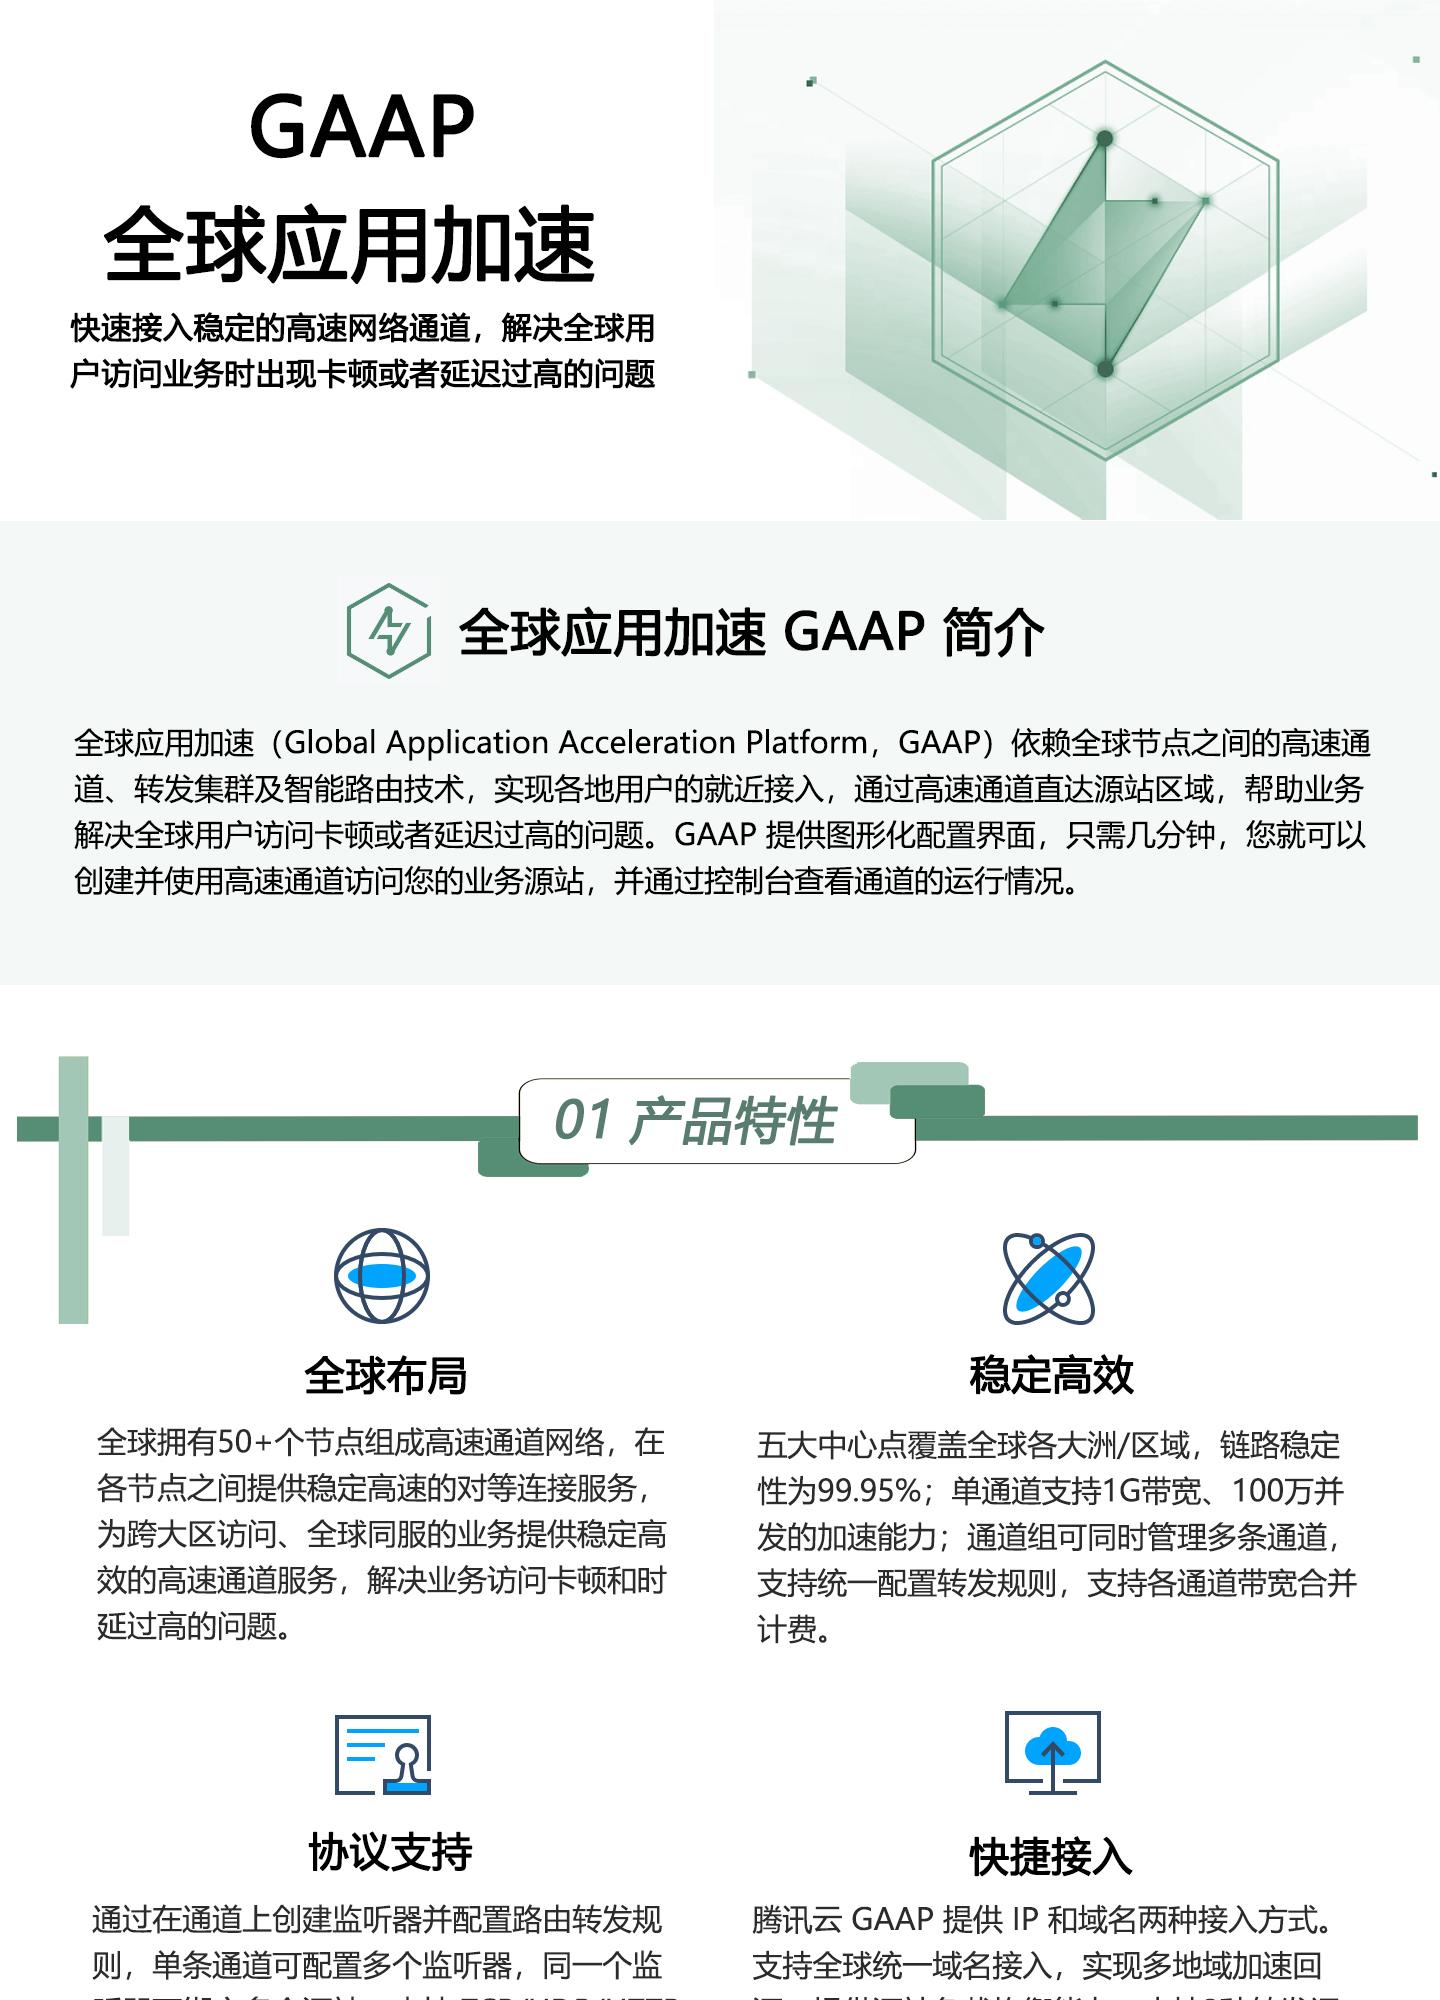 全球应用加速-GAAP1440_01.jpg